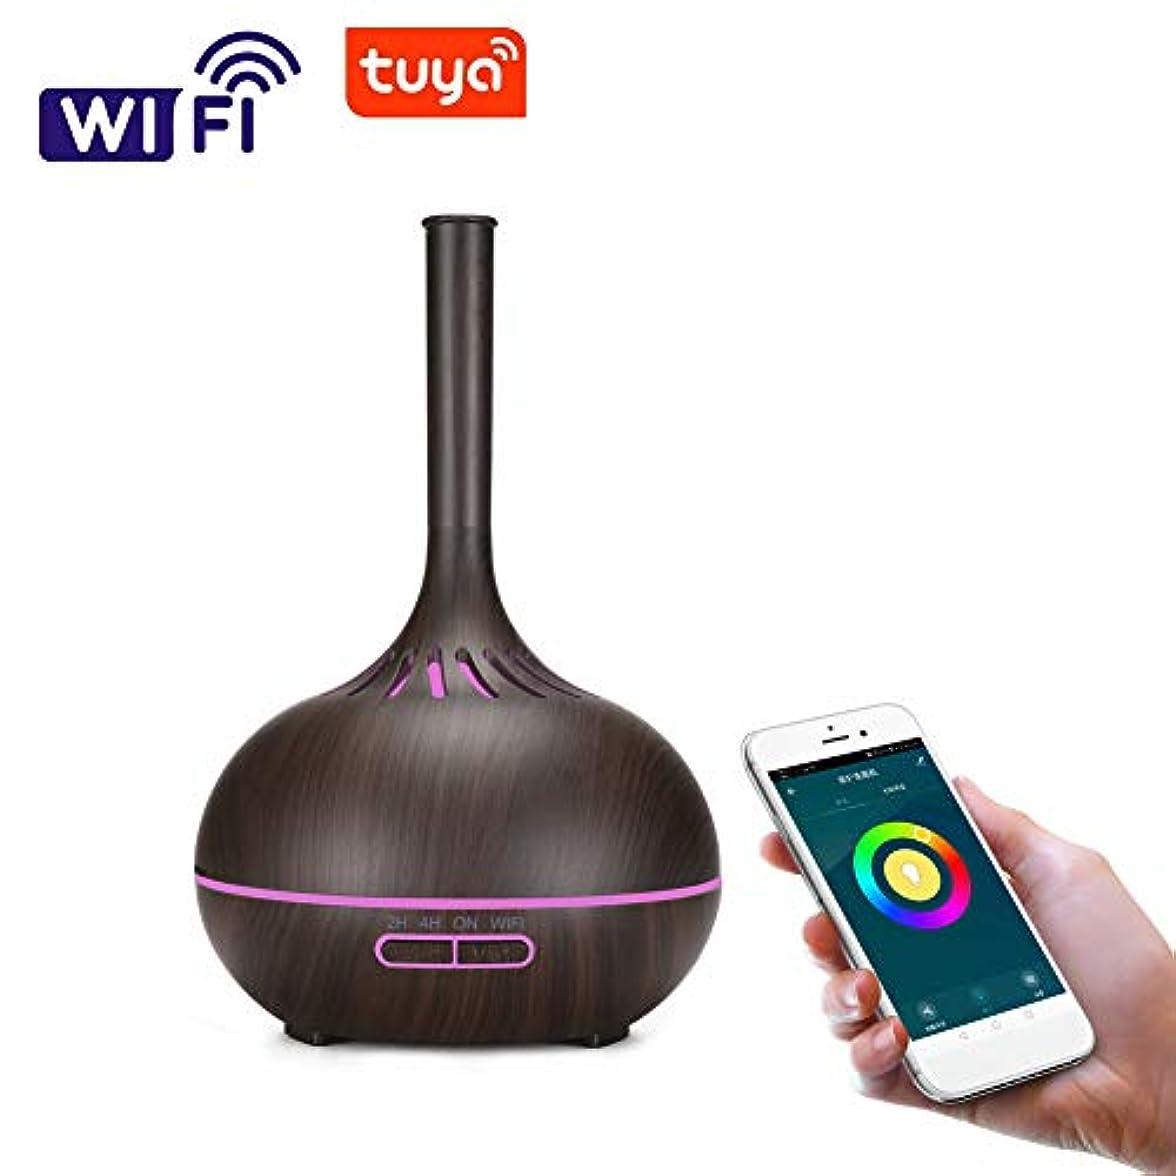 あいまいな心理的回想木目 涼しい霧 超音波式 加湿器,wifi 7 色 香り 精油 ディフューザー 調整可能 空気加湿器 アロマネブライザー ホーム Yoga オフィス- 400ml